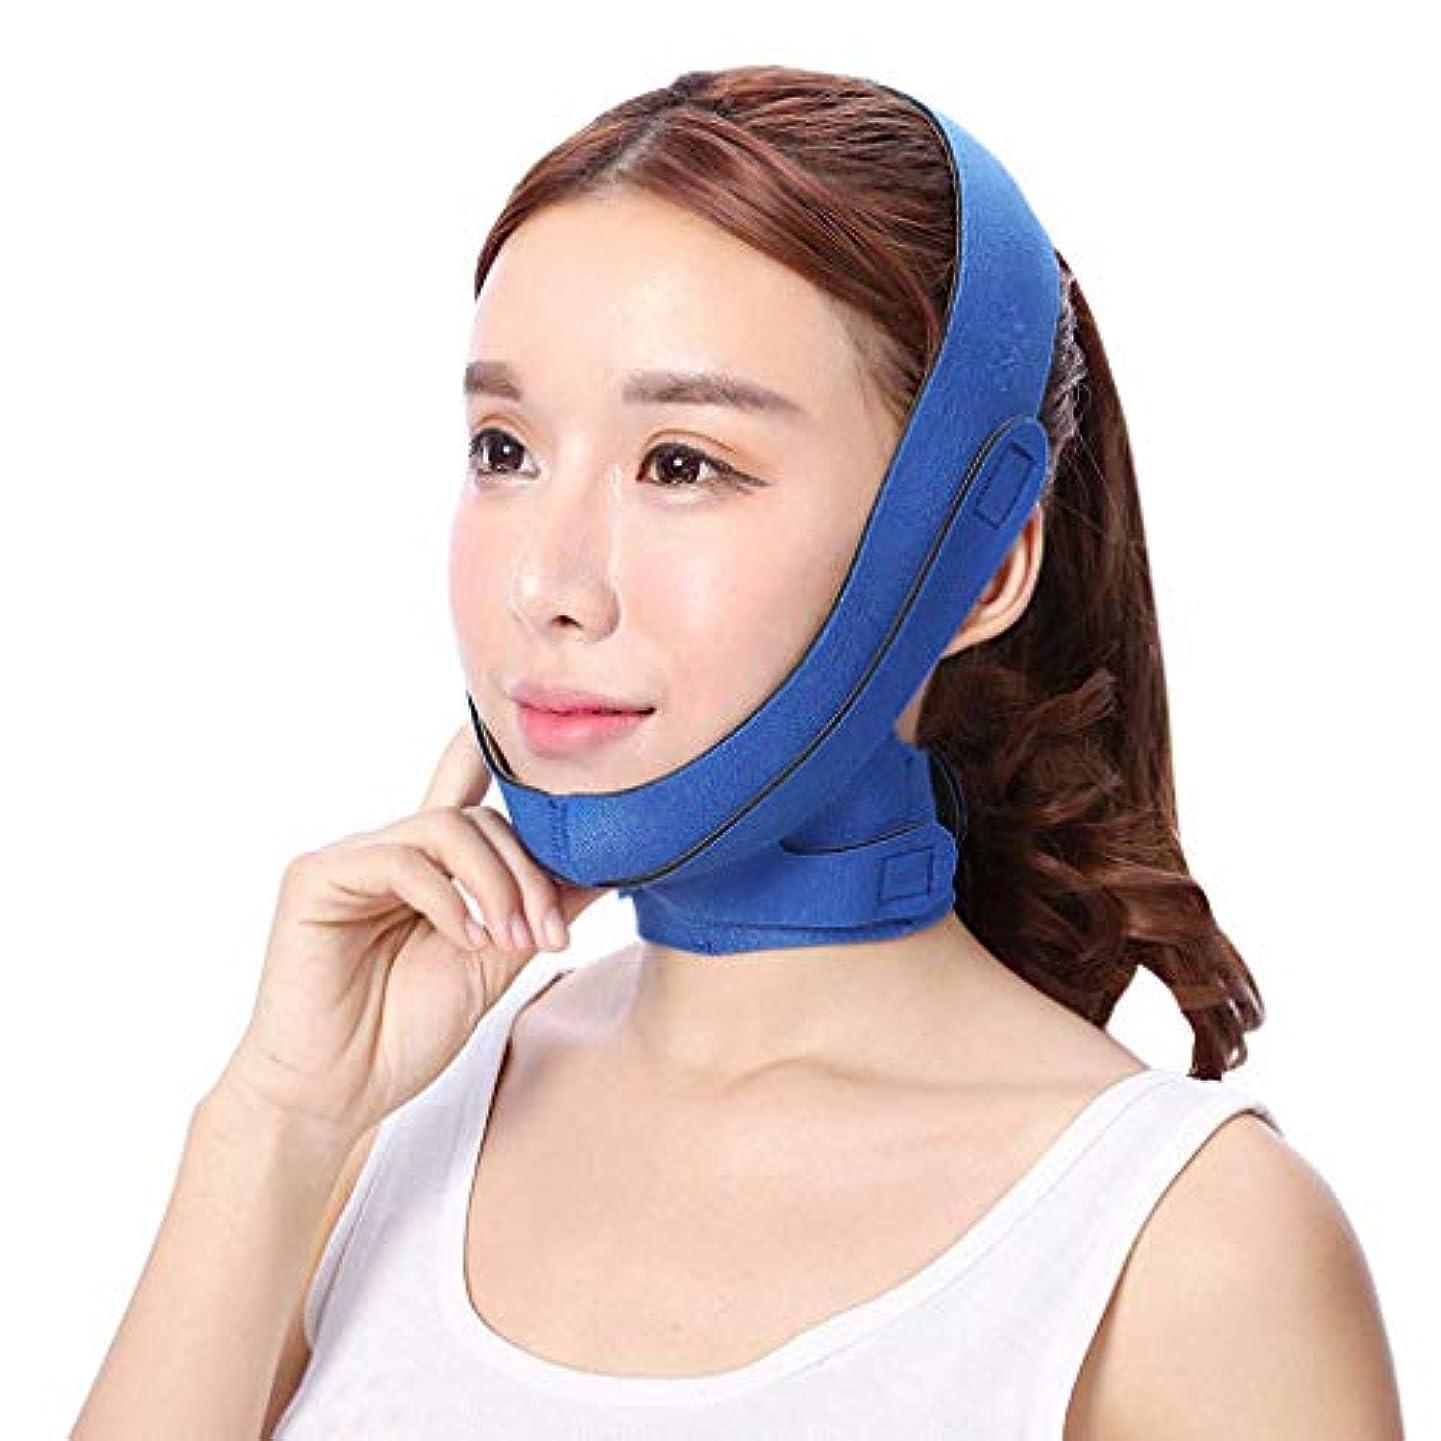 安定したコンパクト外科医HUYYA 女性の顔を持ち上げるベルト、Vライン頬 しわ防止包帯 二重あごの減量顔,Blue_XL